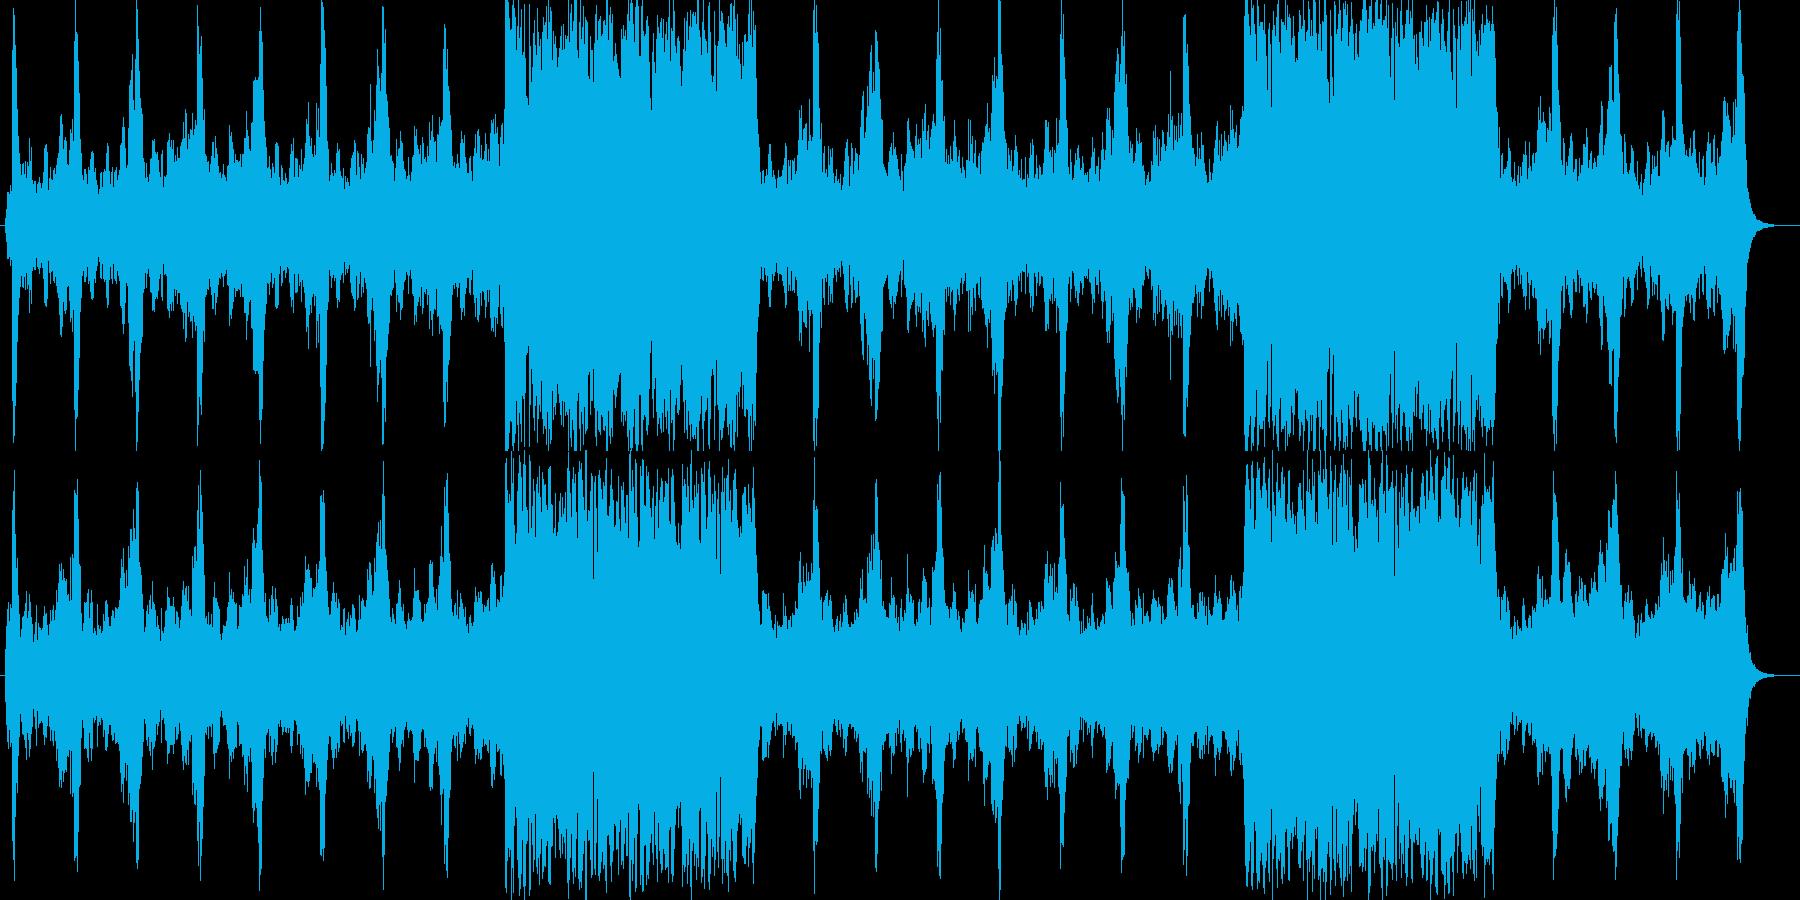 壮大で旋律のオーケストラサウンドの再生済みの波形